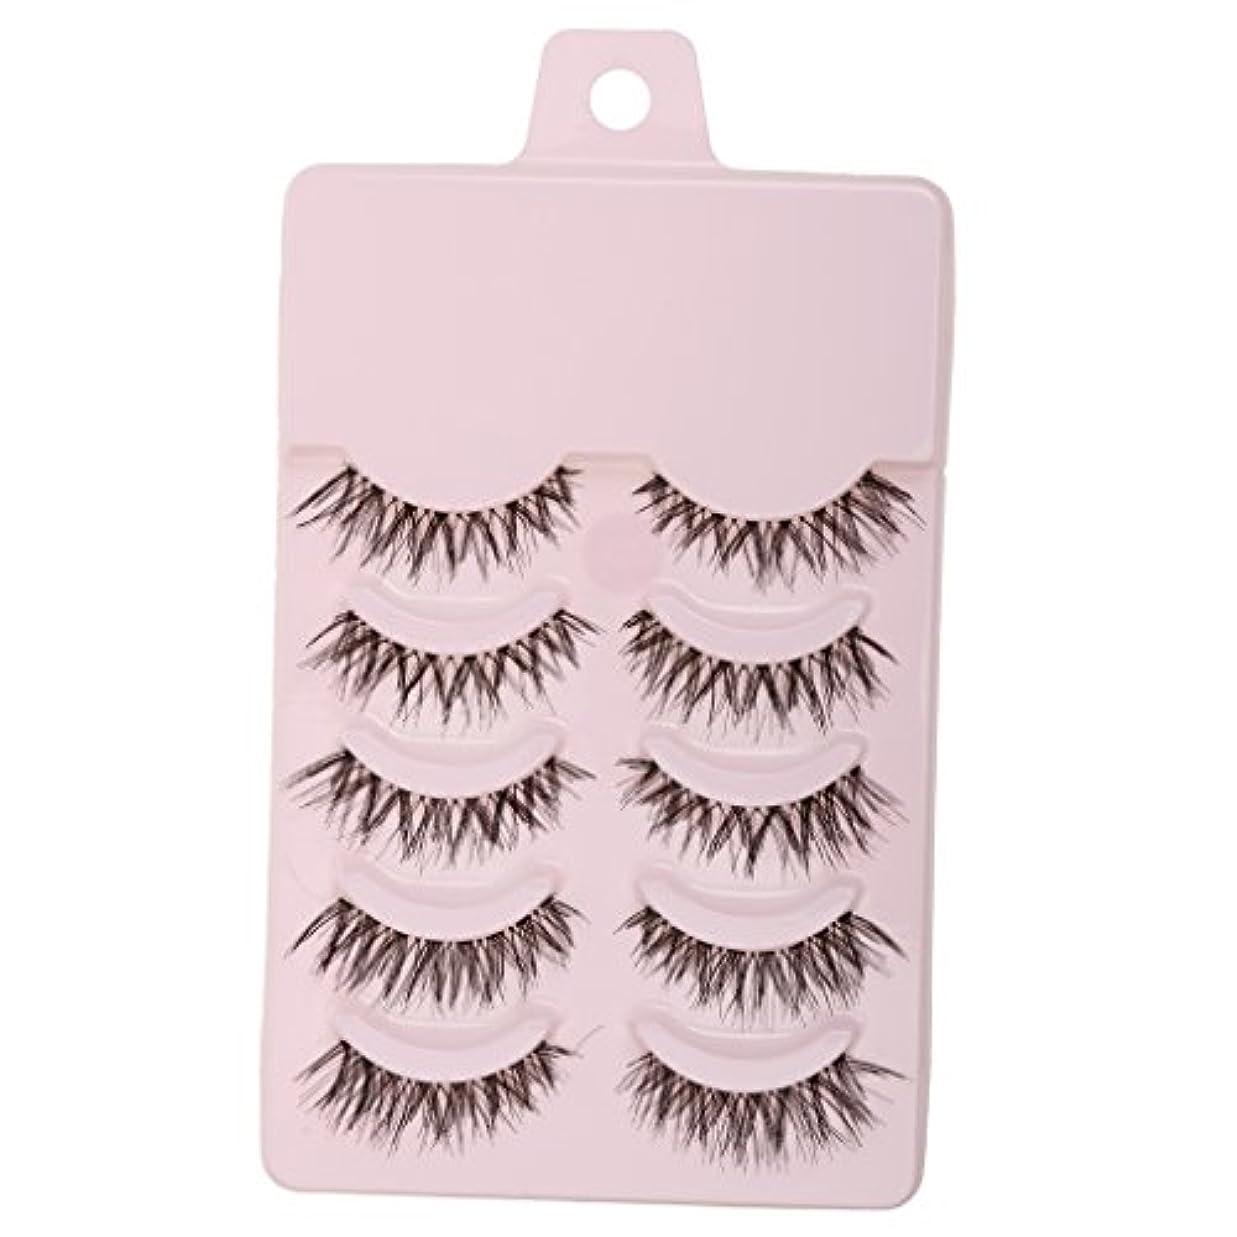 消化器つぼみ脅迫KOZEEY美容 メイク 手作り メッシー クロス スタイル つけまつげ 5色選ぶ - ピンク